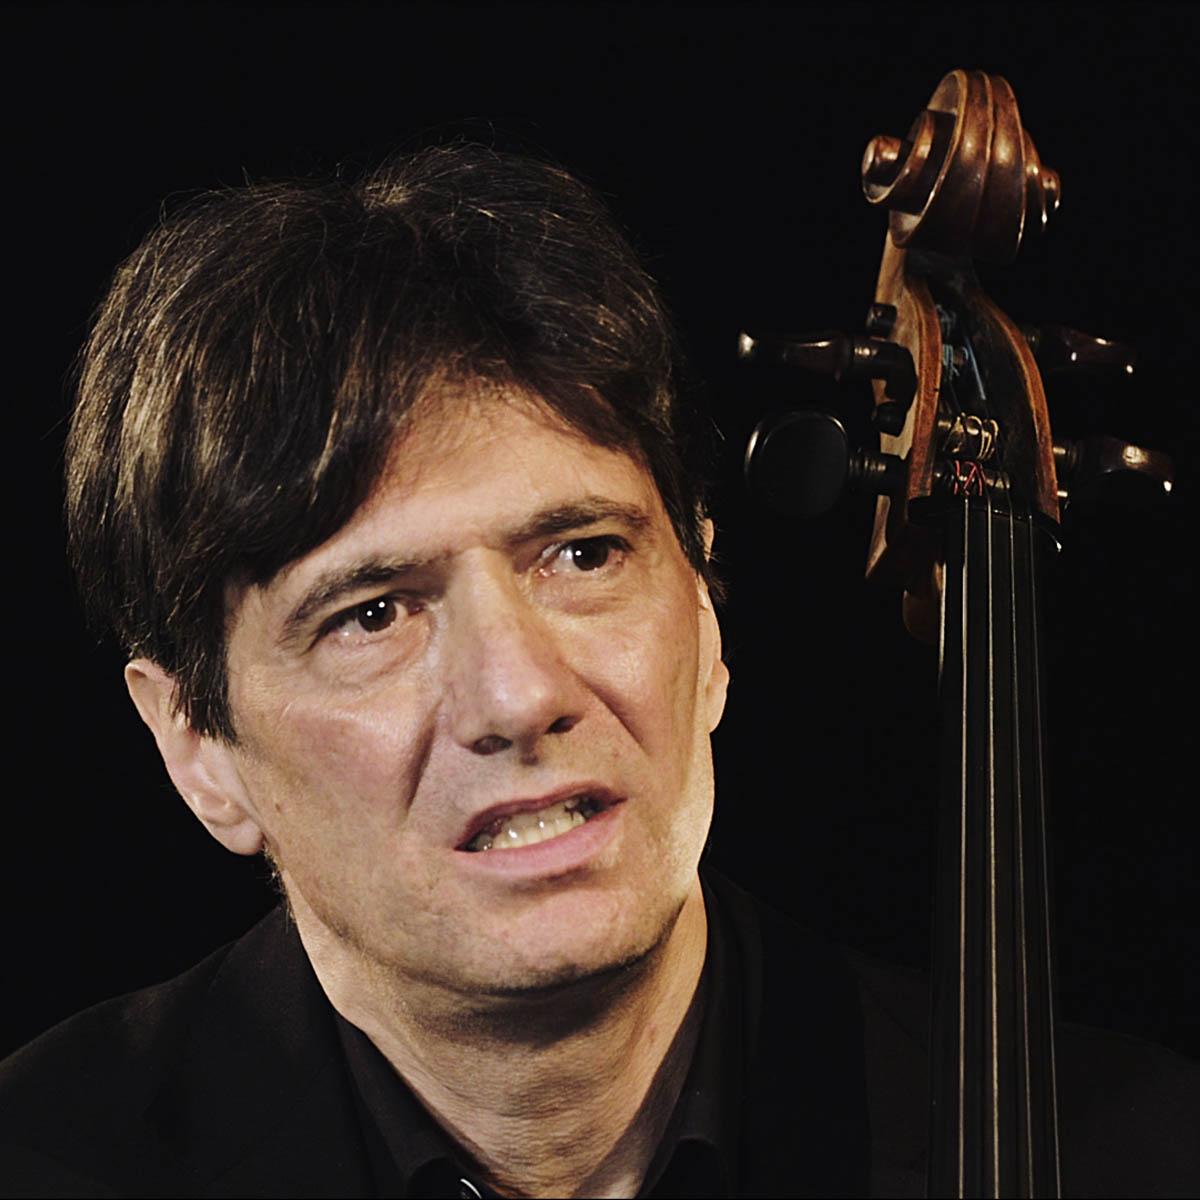 Luca Pasqual